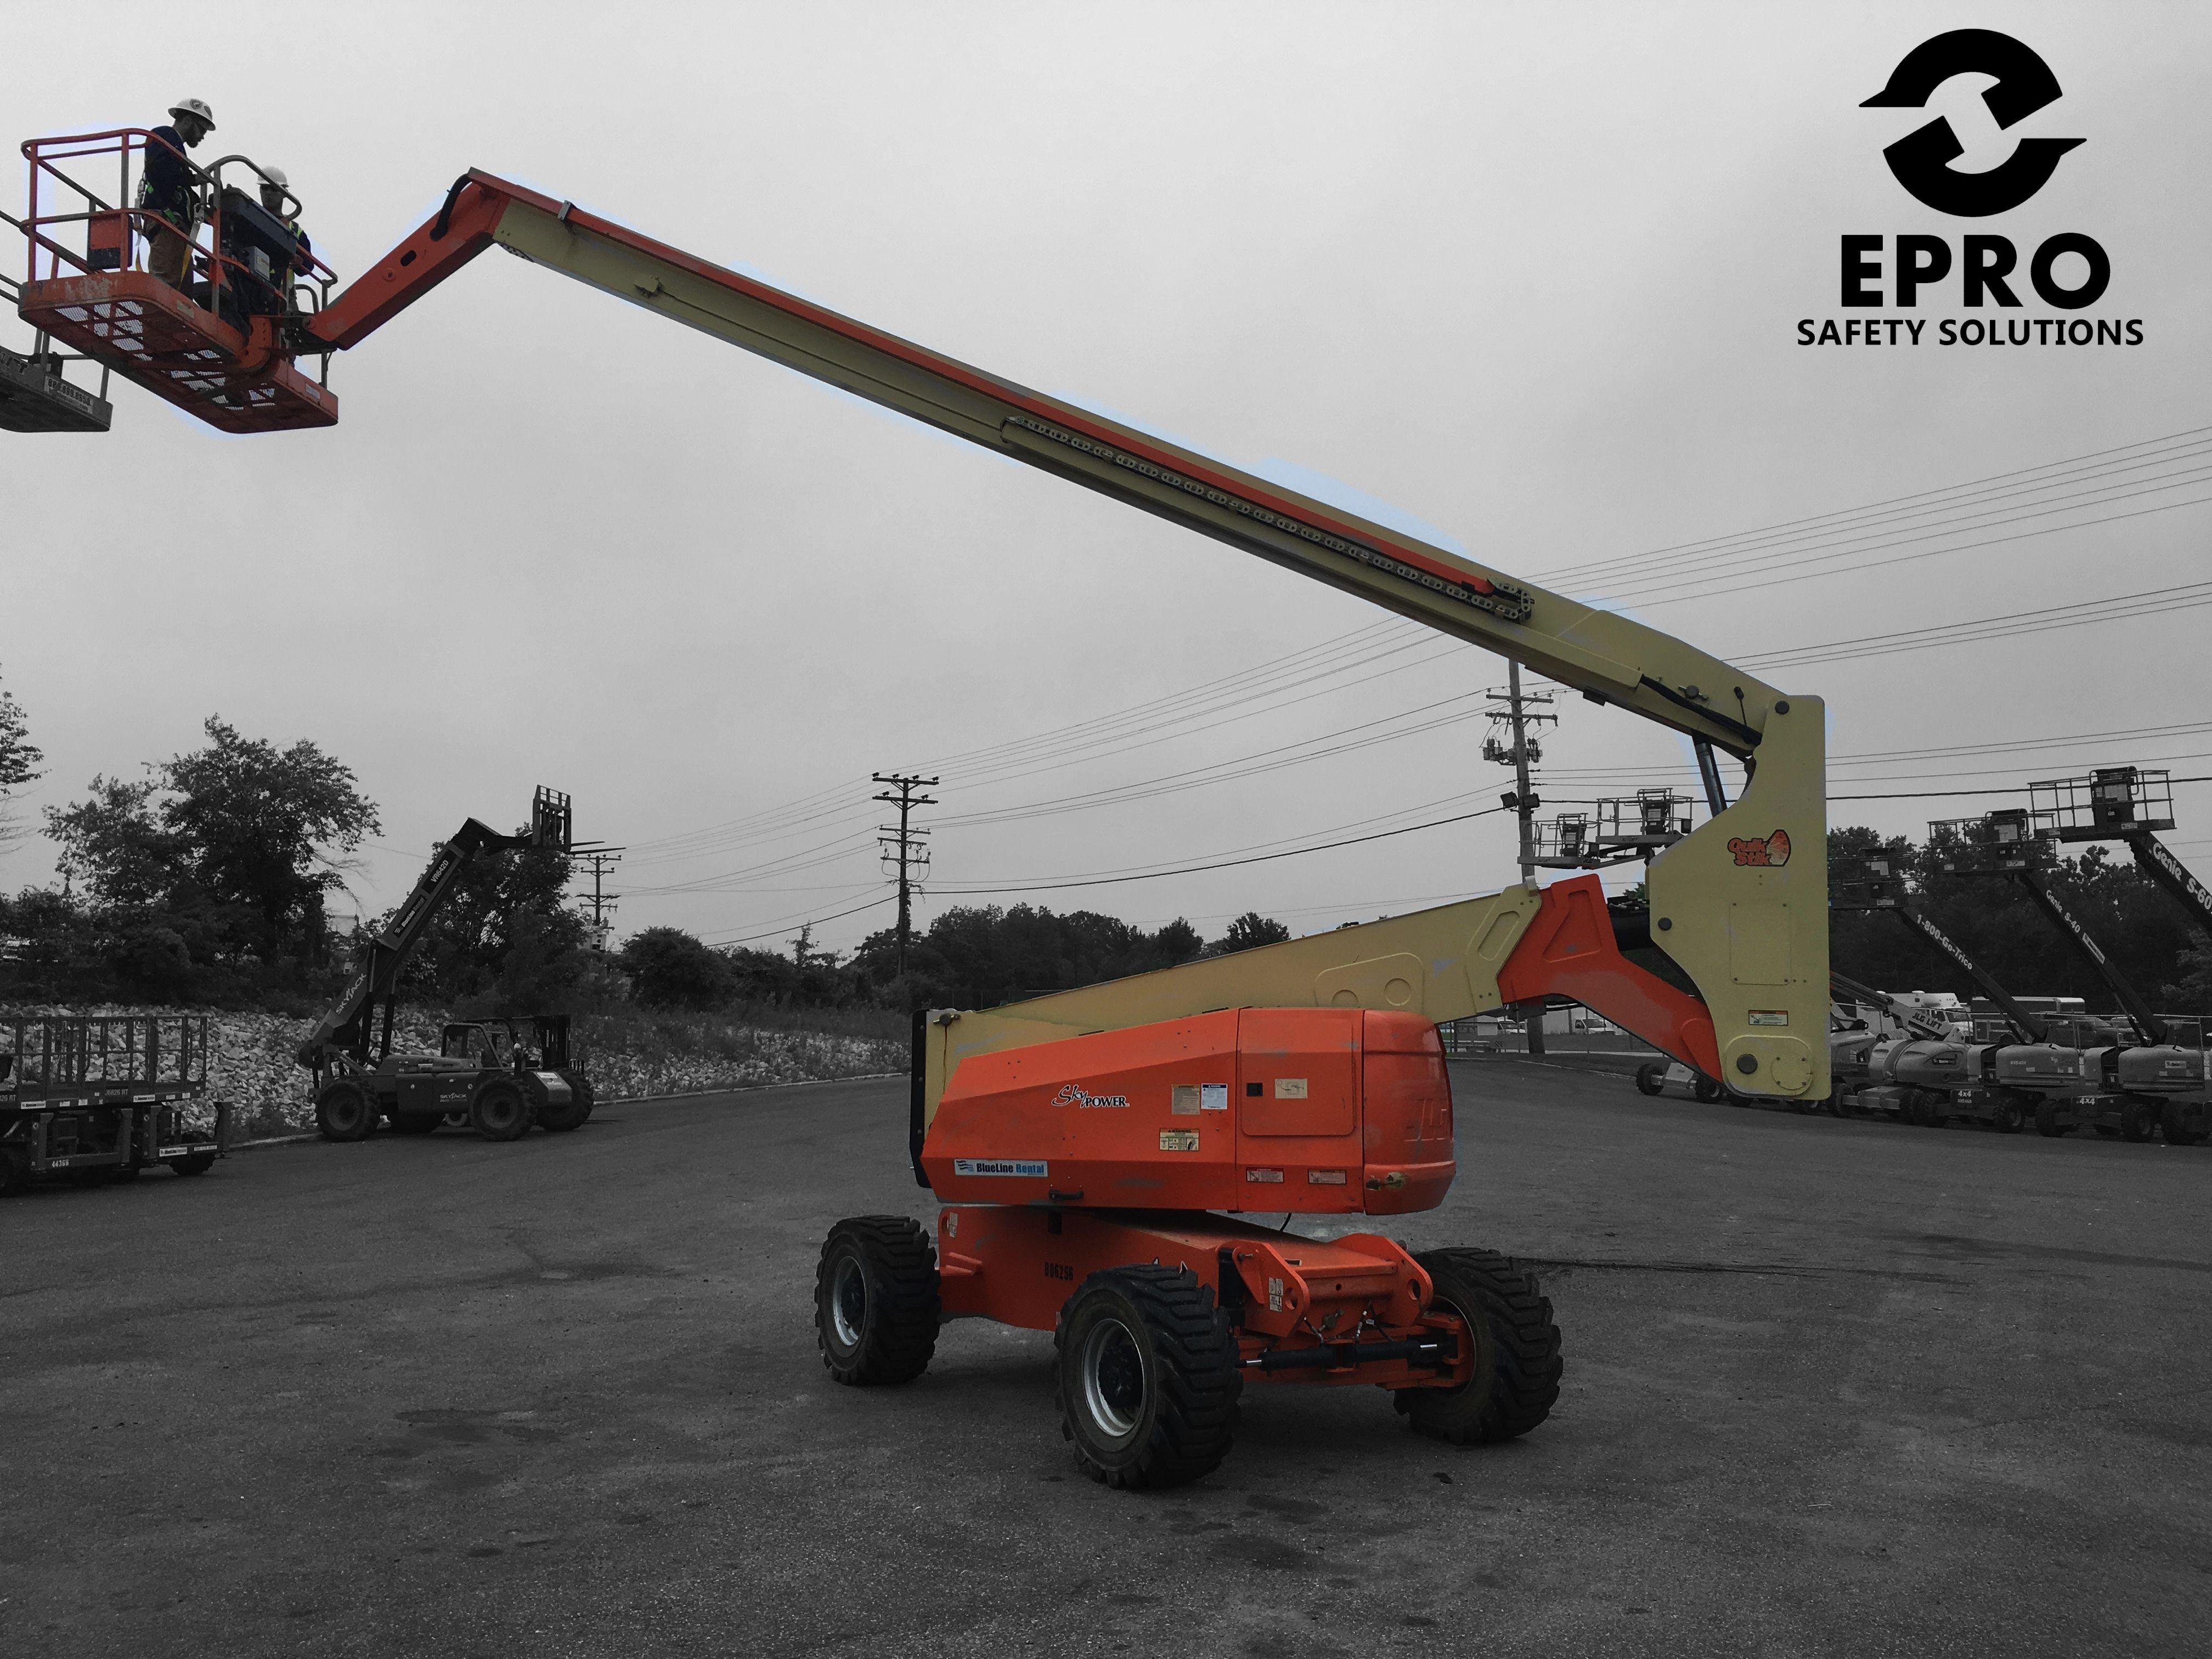 EPROSafety GoEPRO Safety Training SafetyTraining